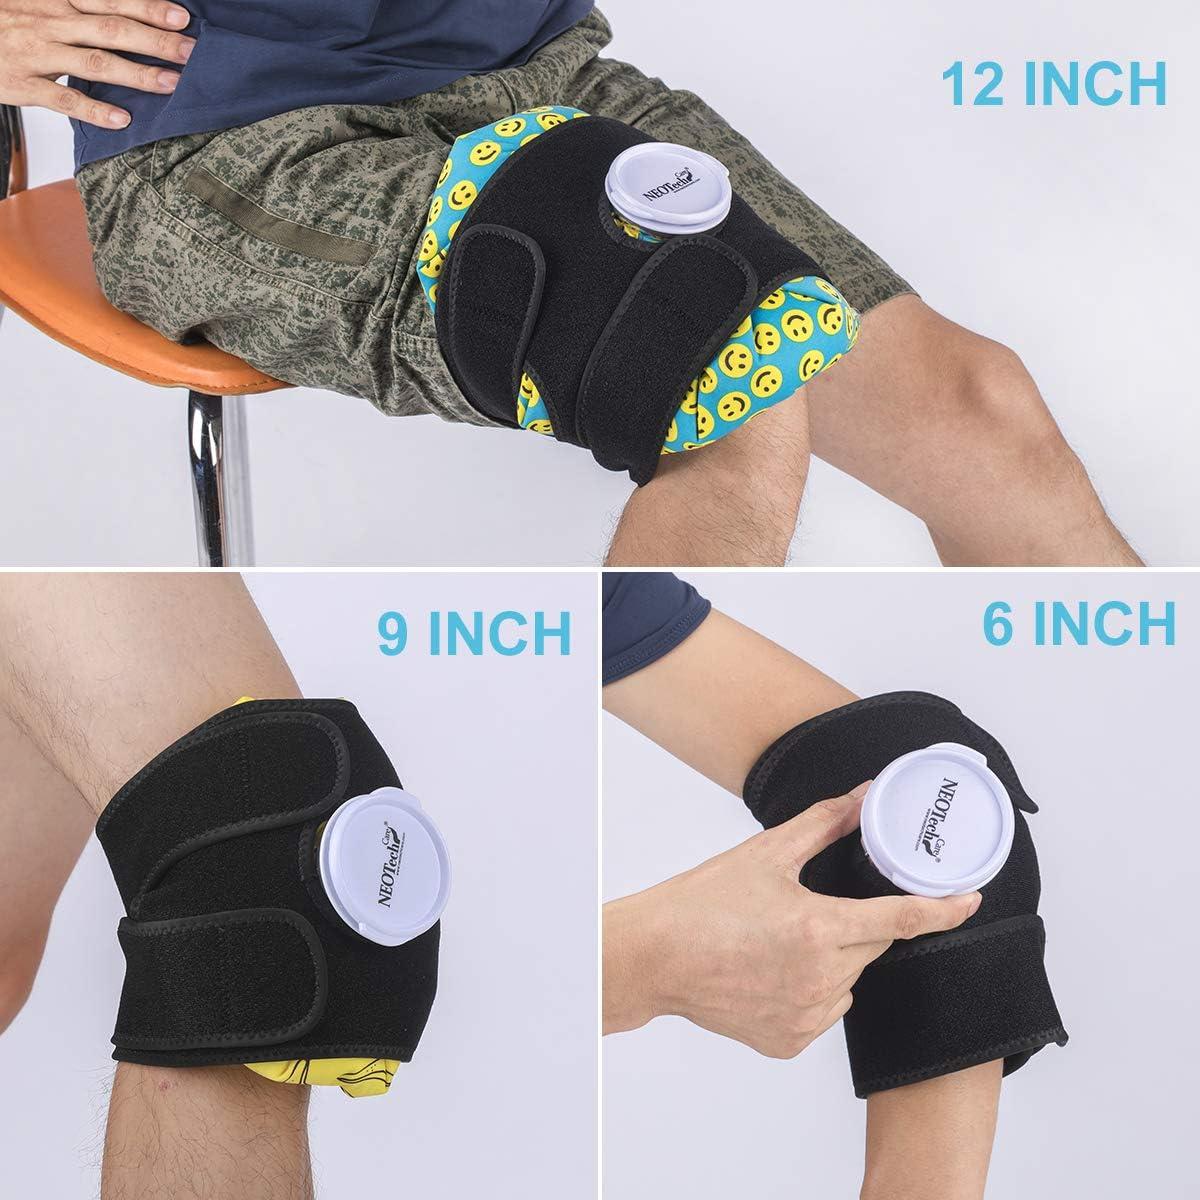 Sangle pour poche /à glace Convient aux vessies /à glacons de marque Neotech Care Bande pour tenir la bouillote deau froide sur la partie du corps